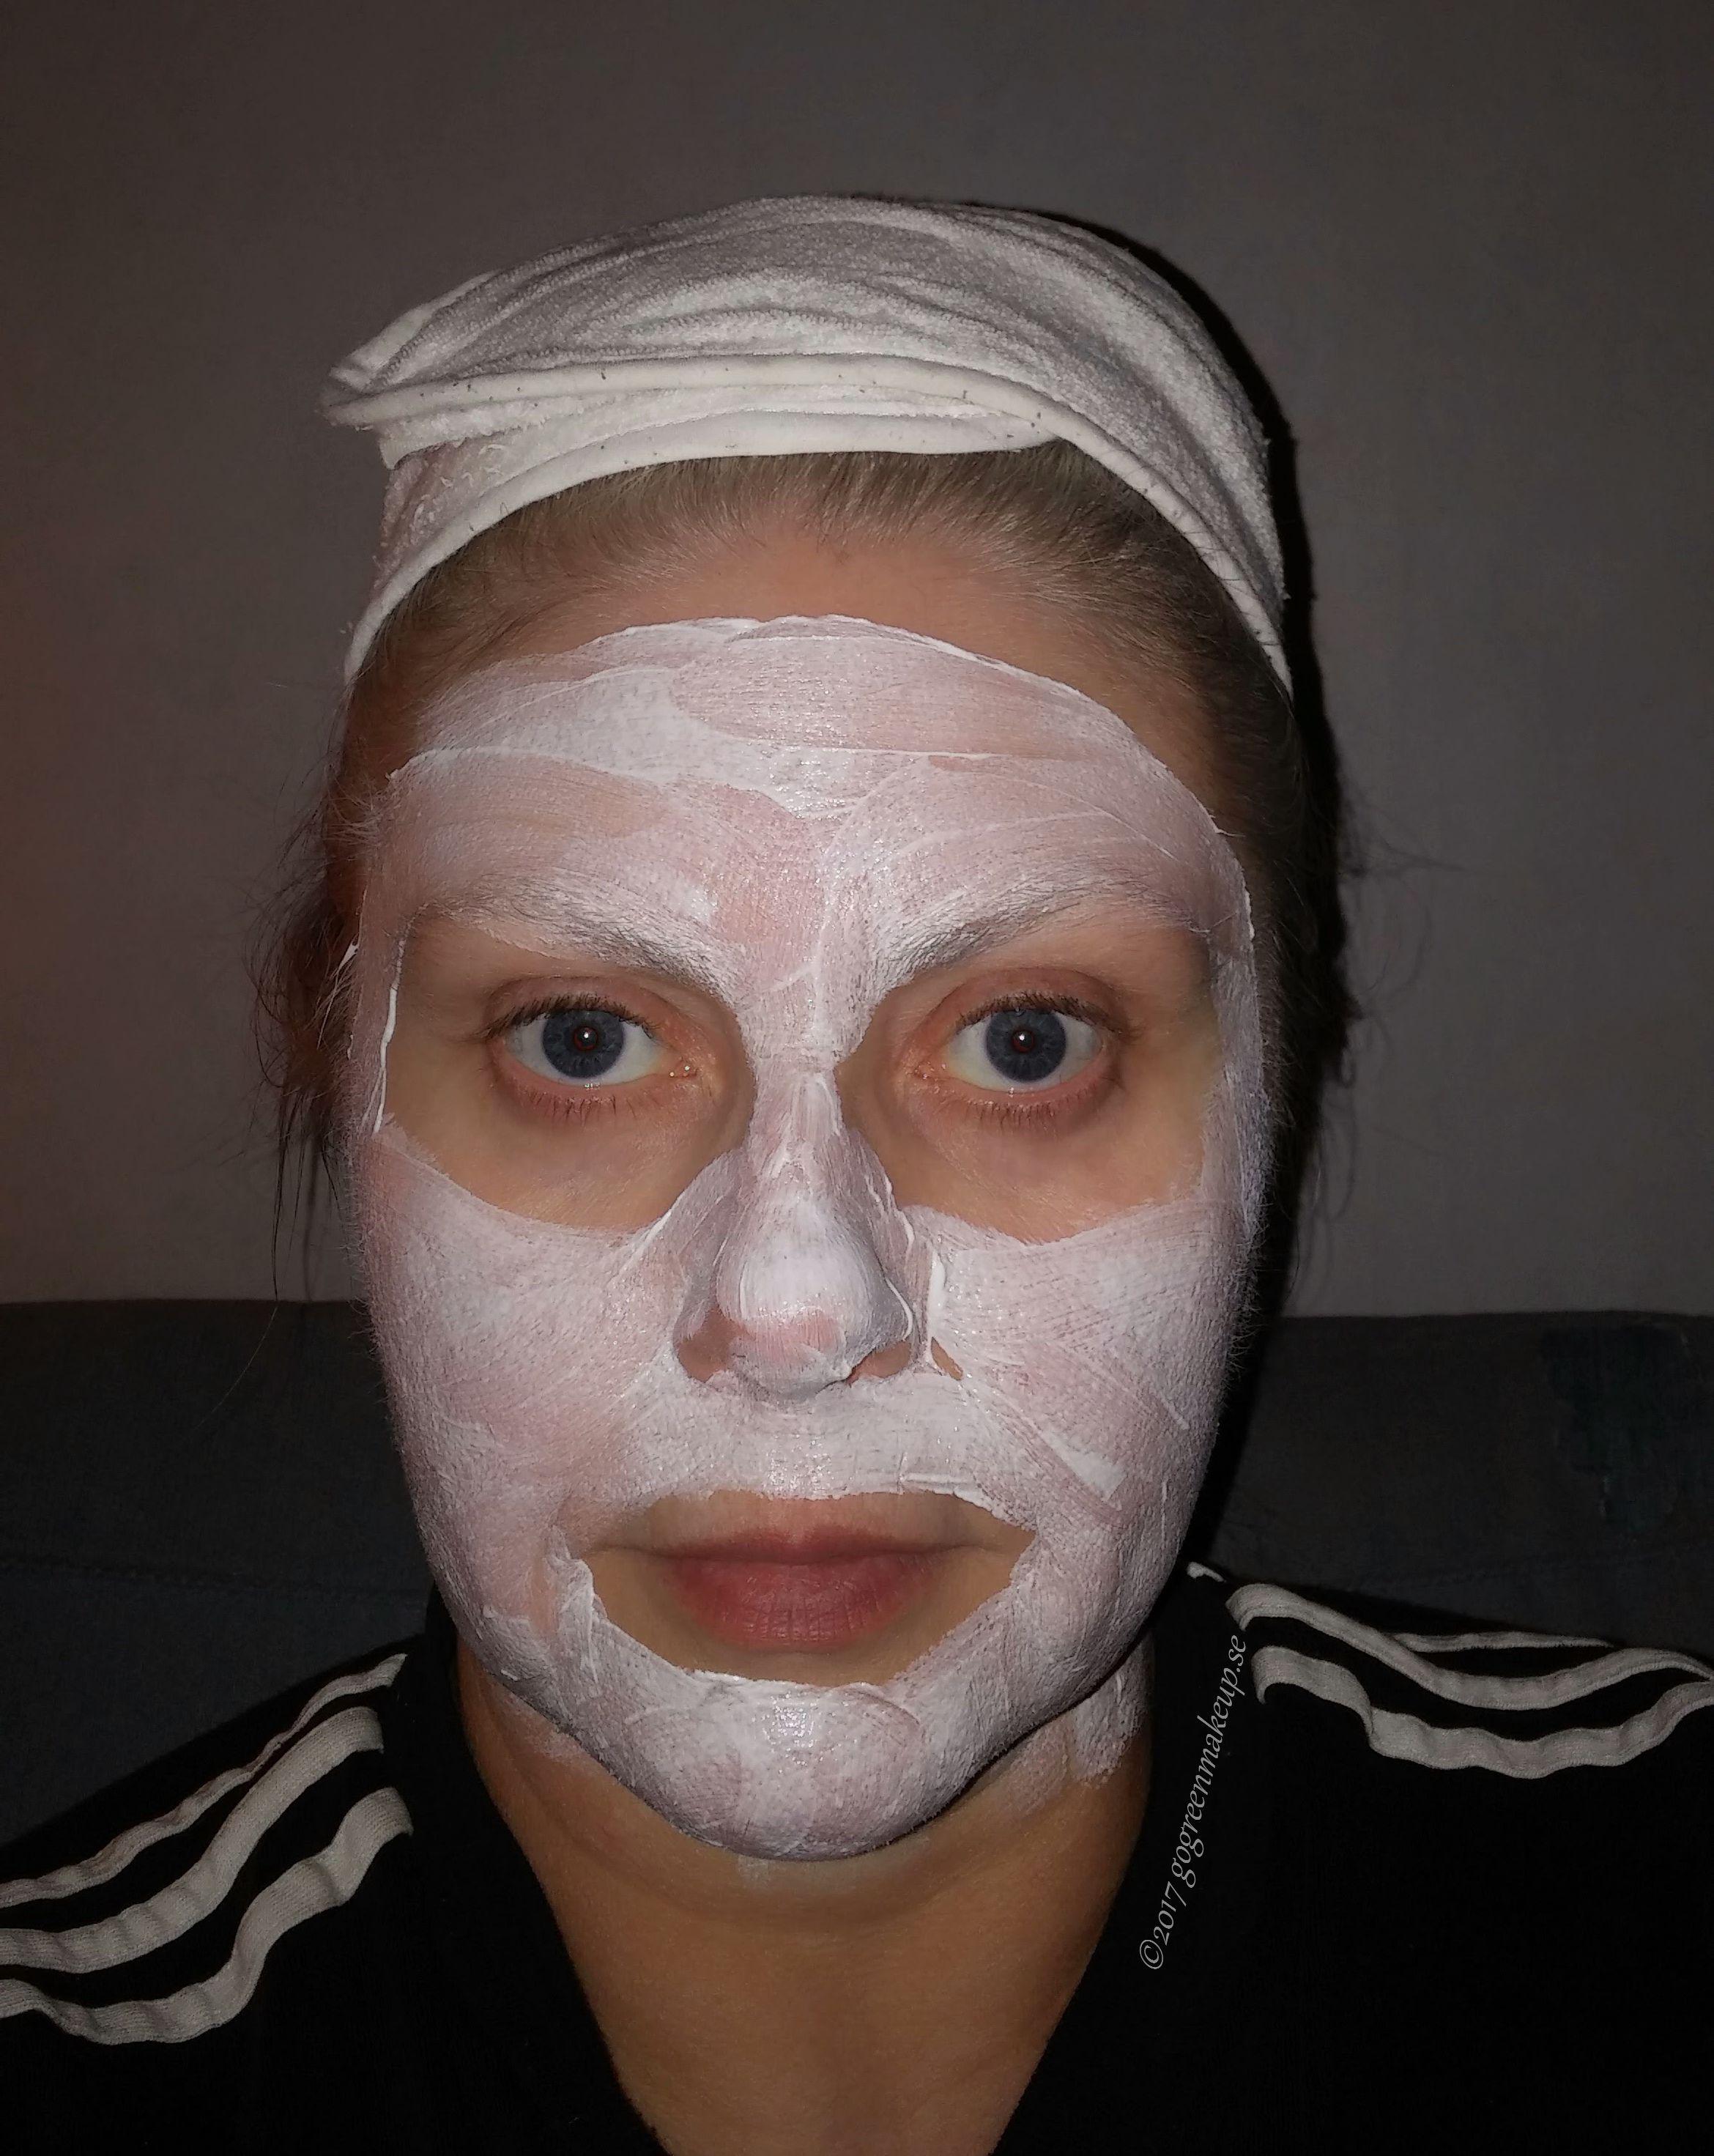 Ansiktsmask från Italienska Natùrys Nùy